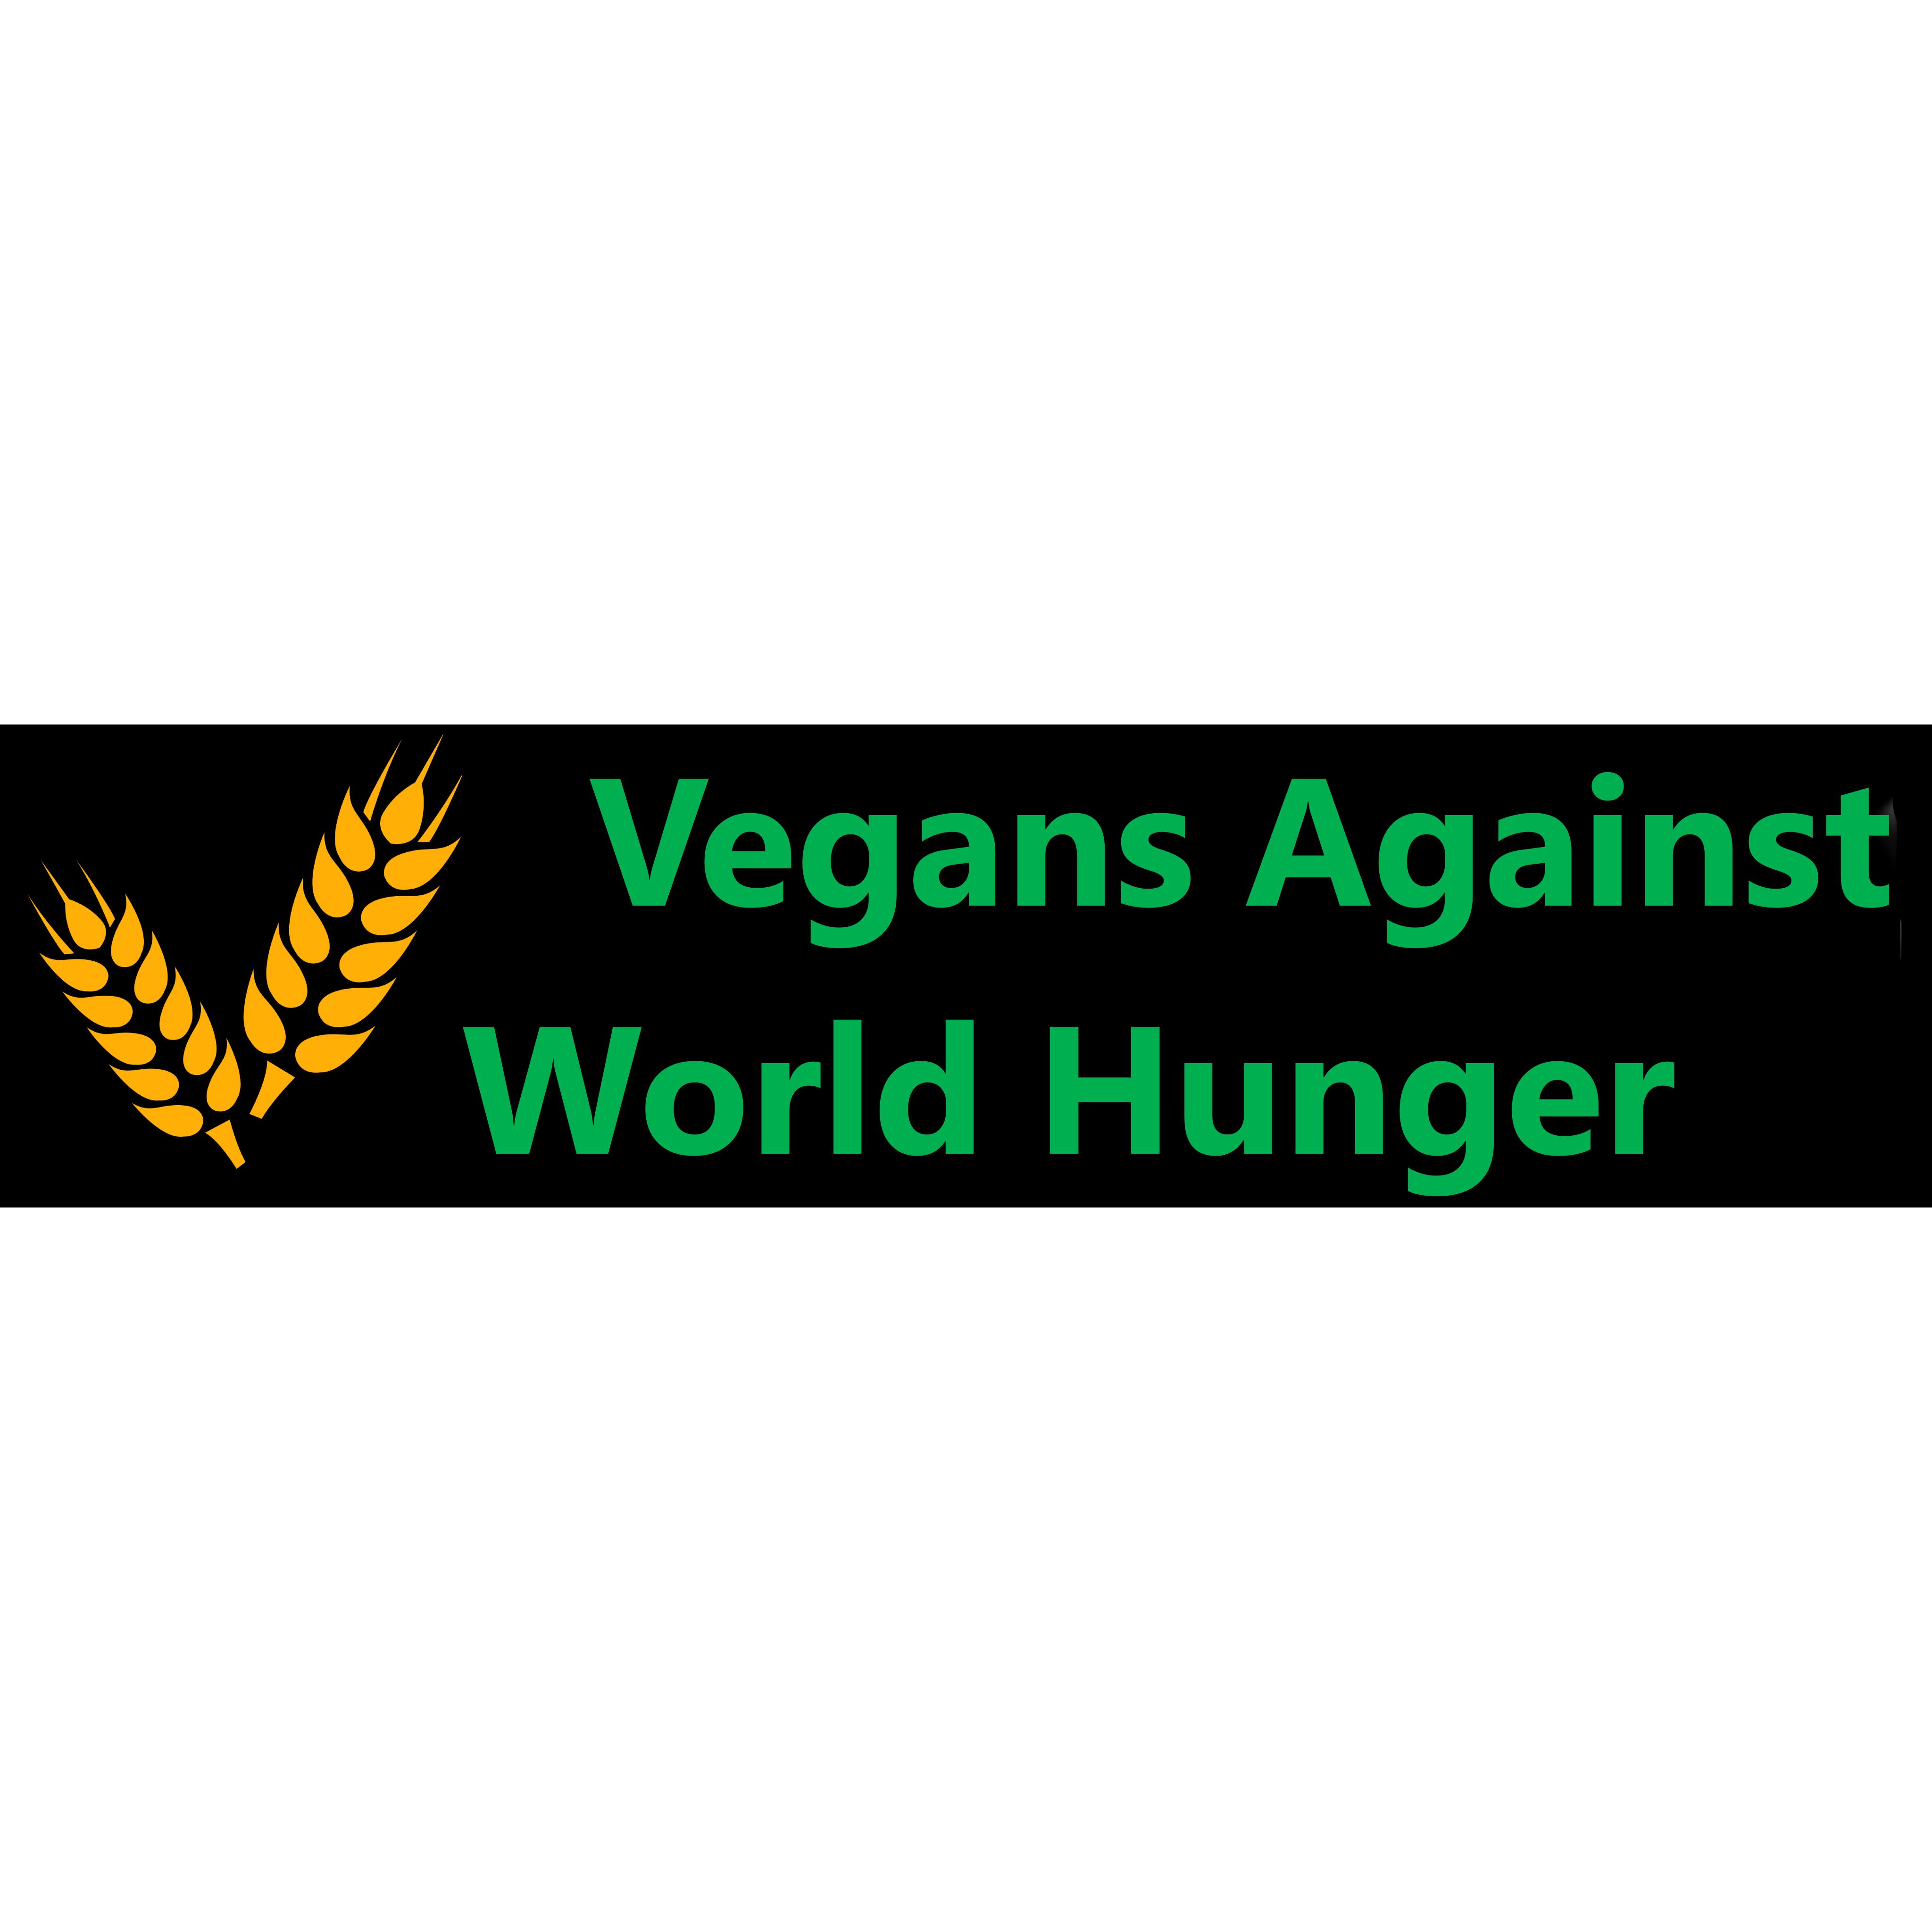 Vegans Against World Hunger